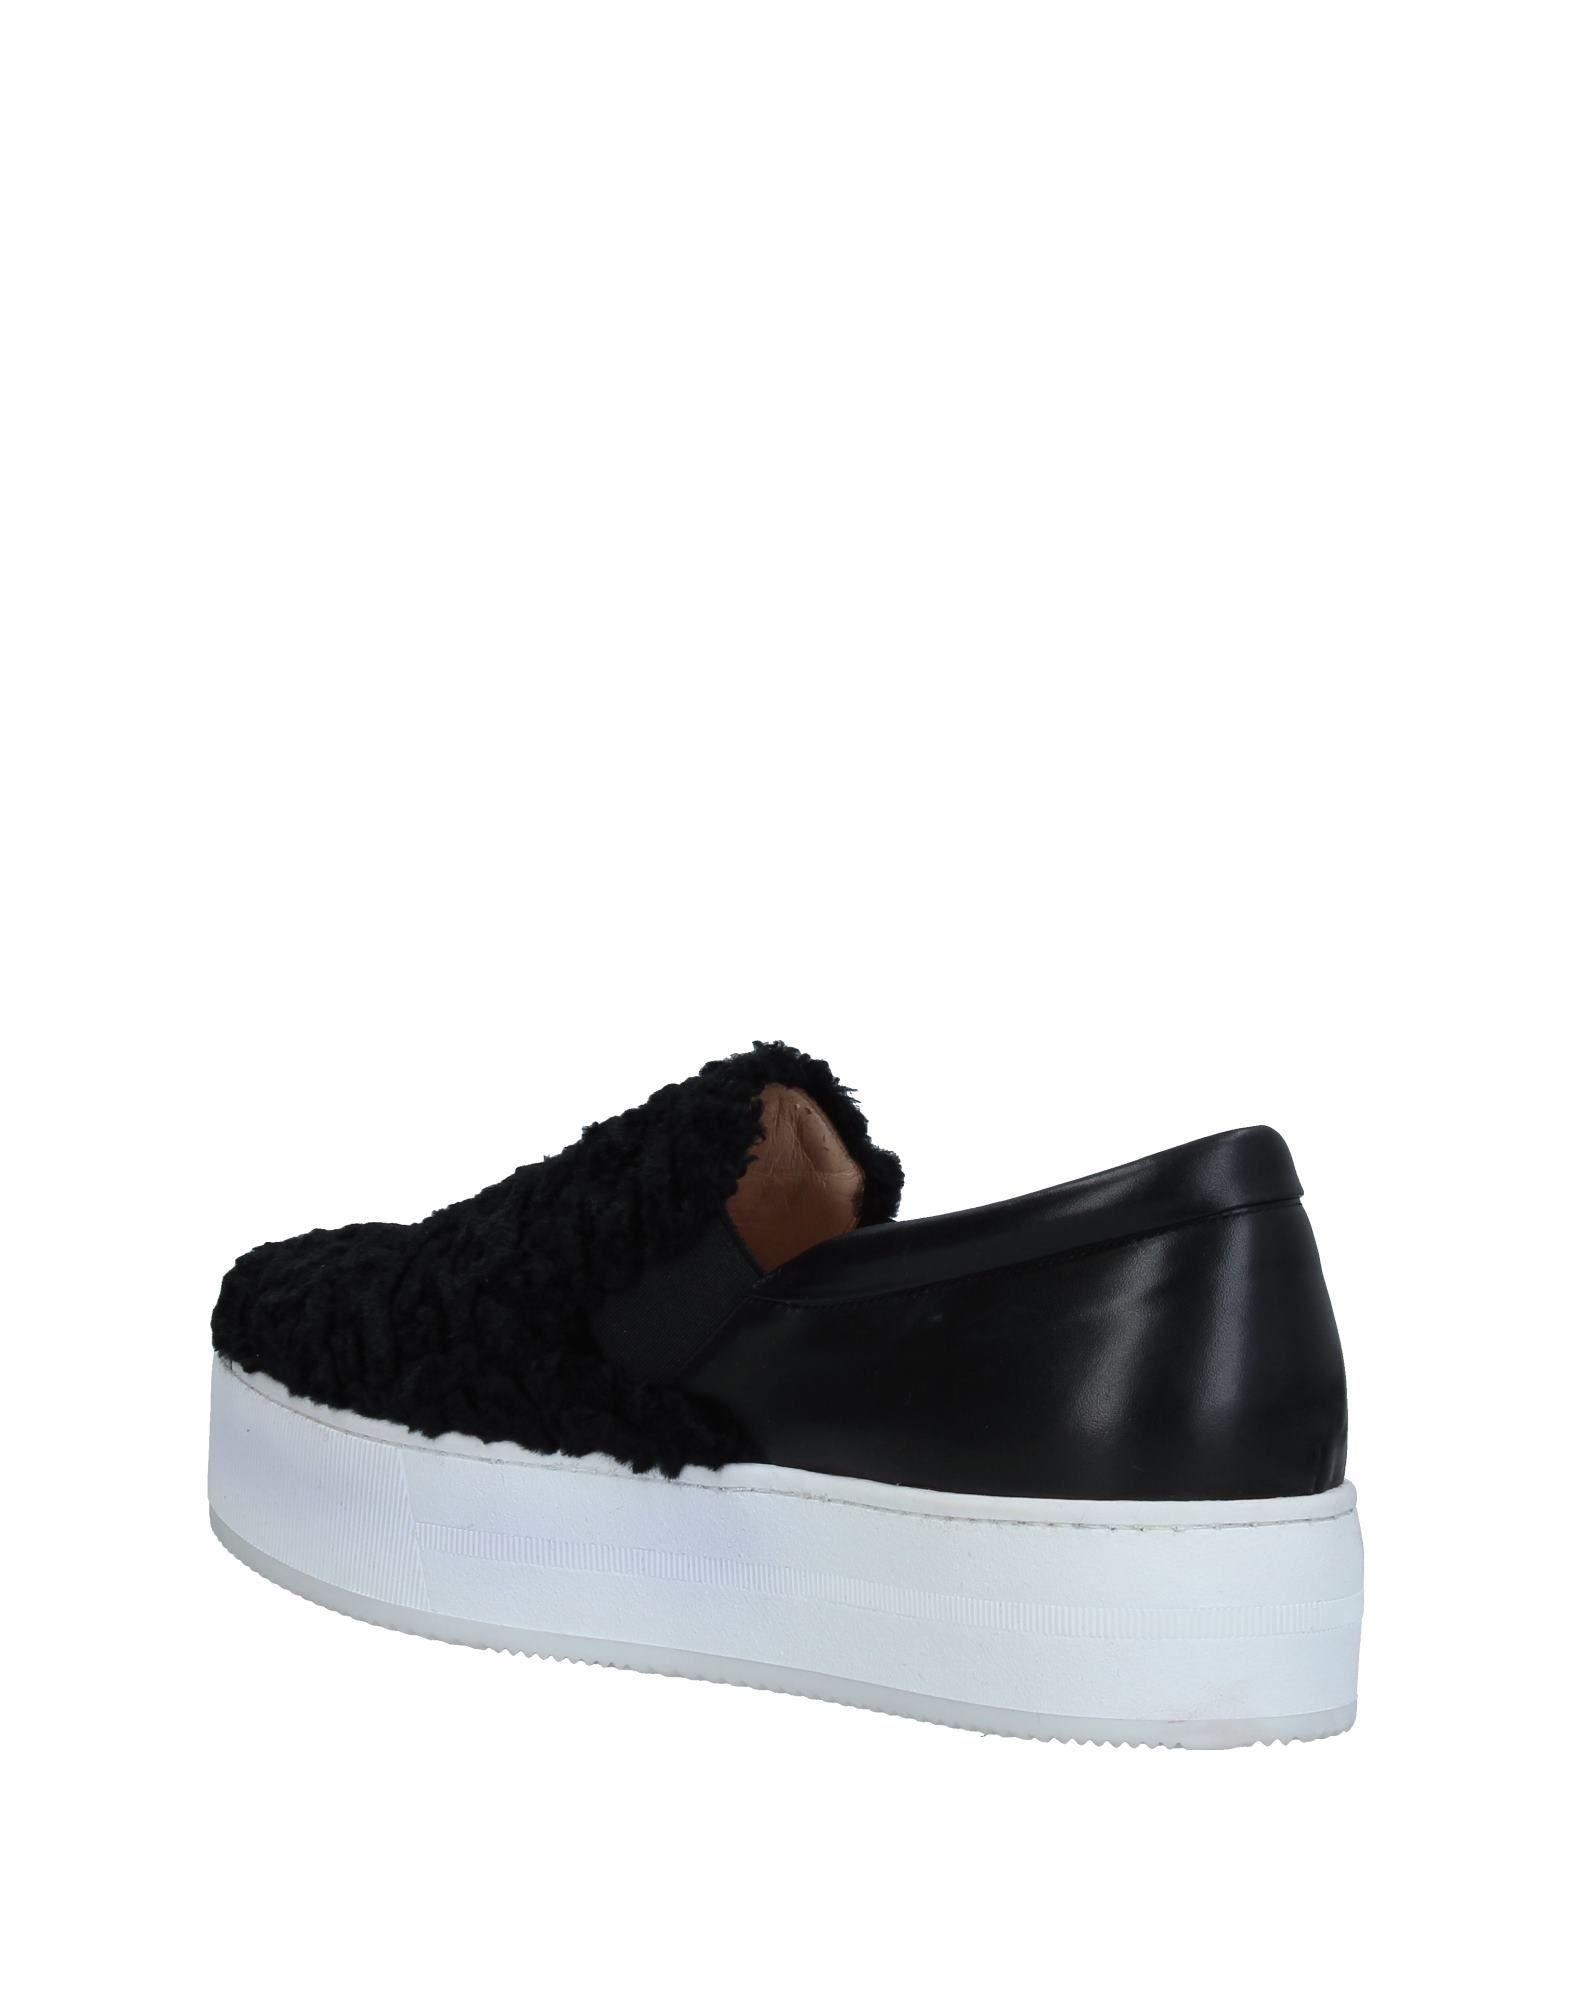 Stilvolle billige Schuhe N° 21 Sneakers Damen  11360875IB